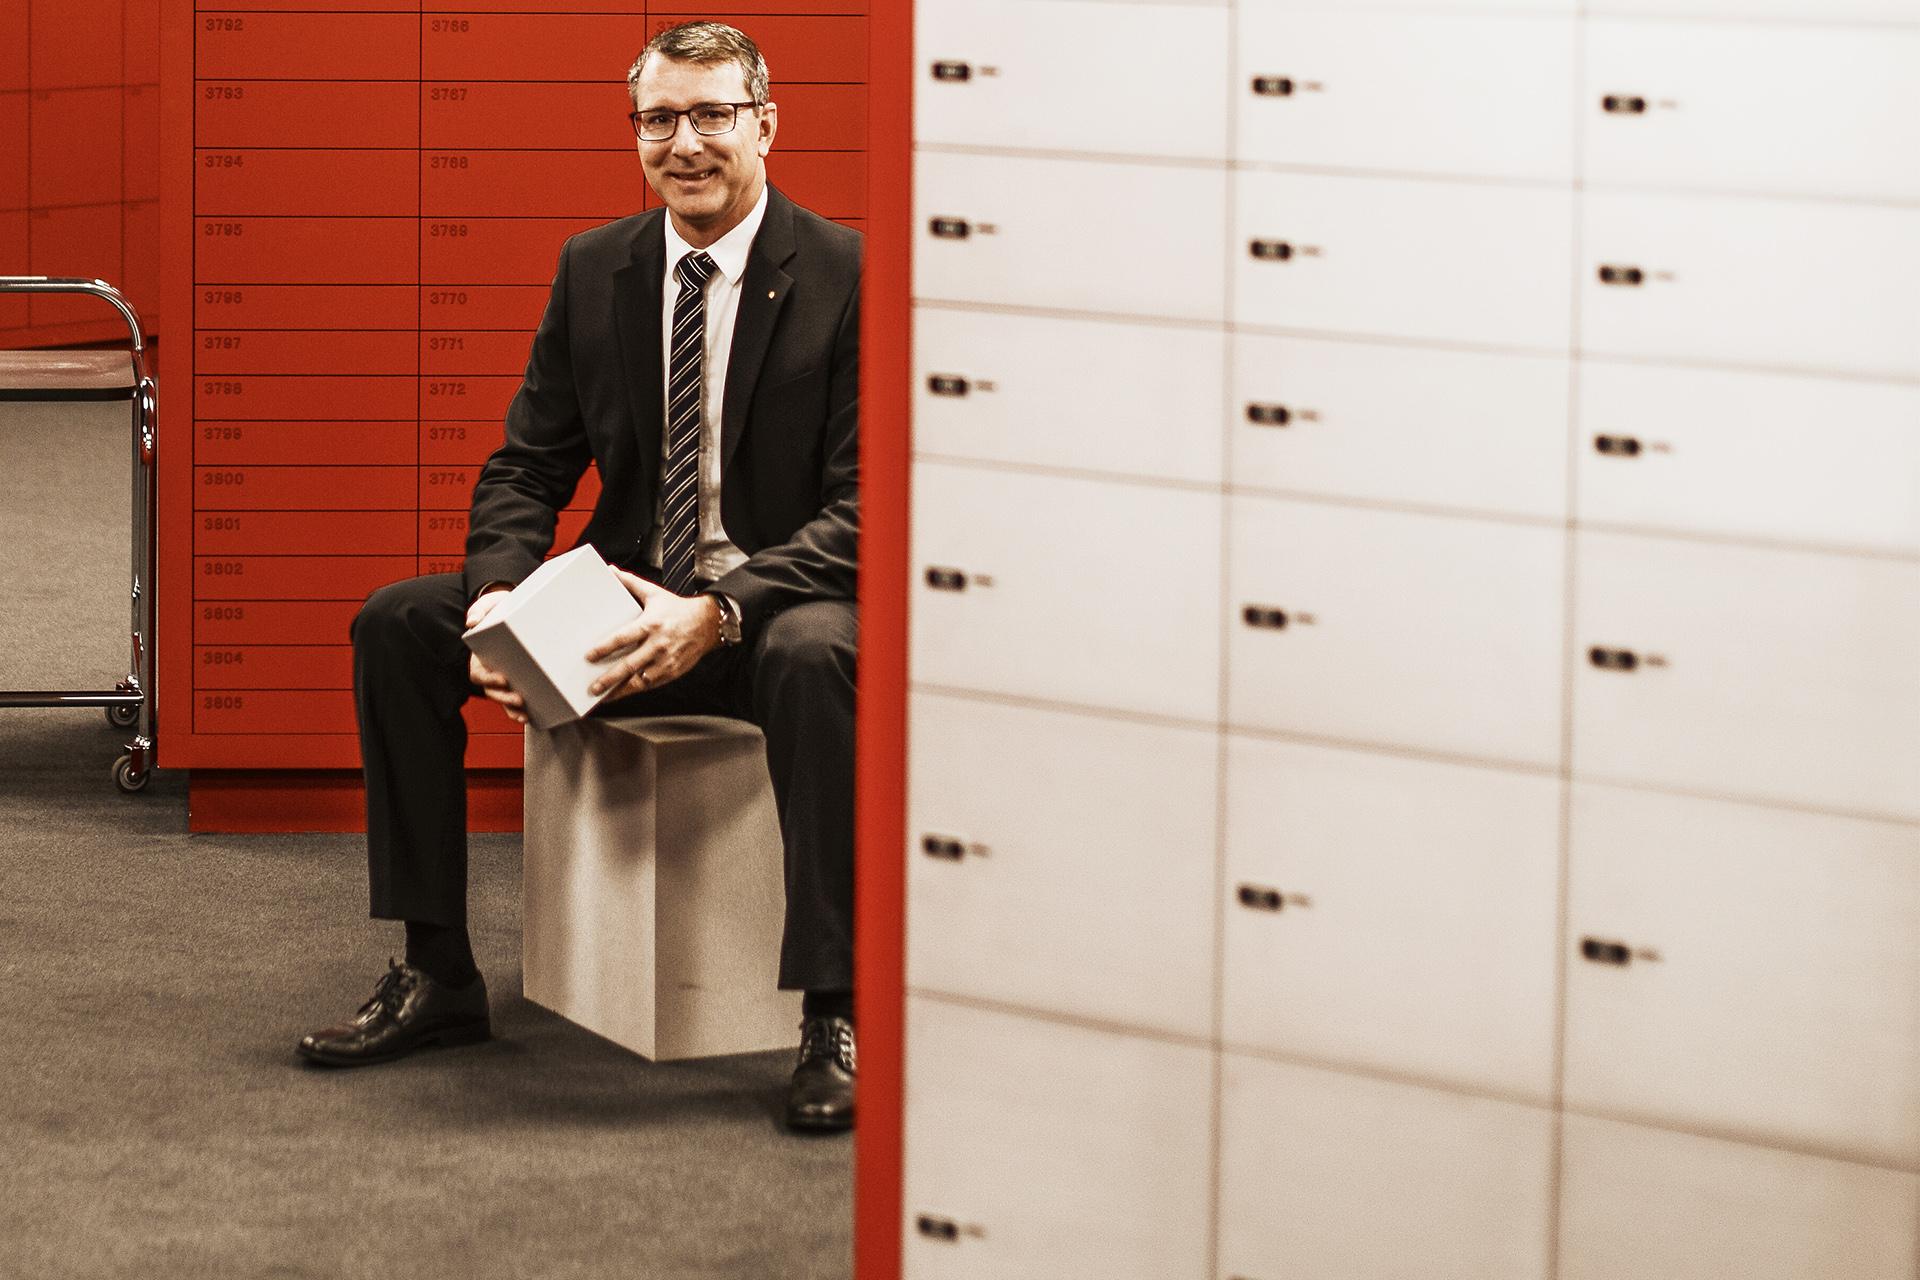 Ein Mann sitzt auf einem Kubus im Schrankfachraum einer Bank.